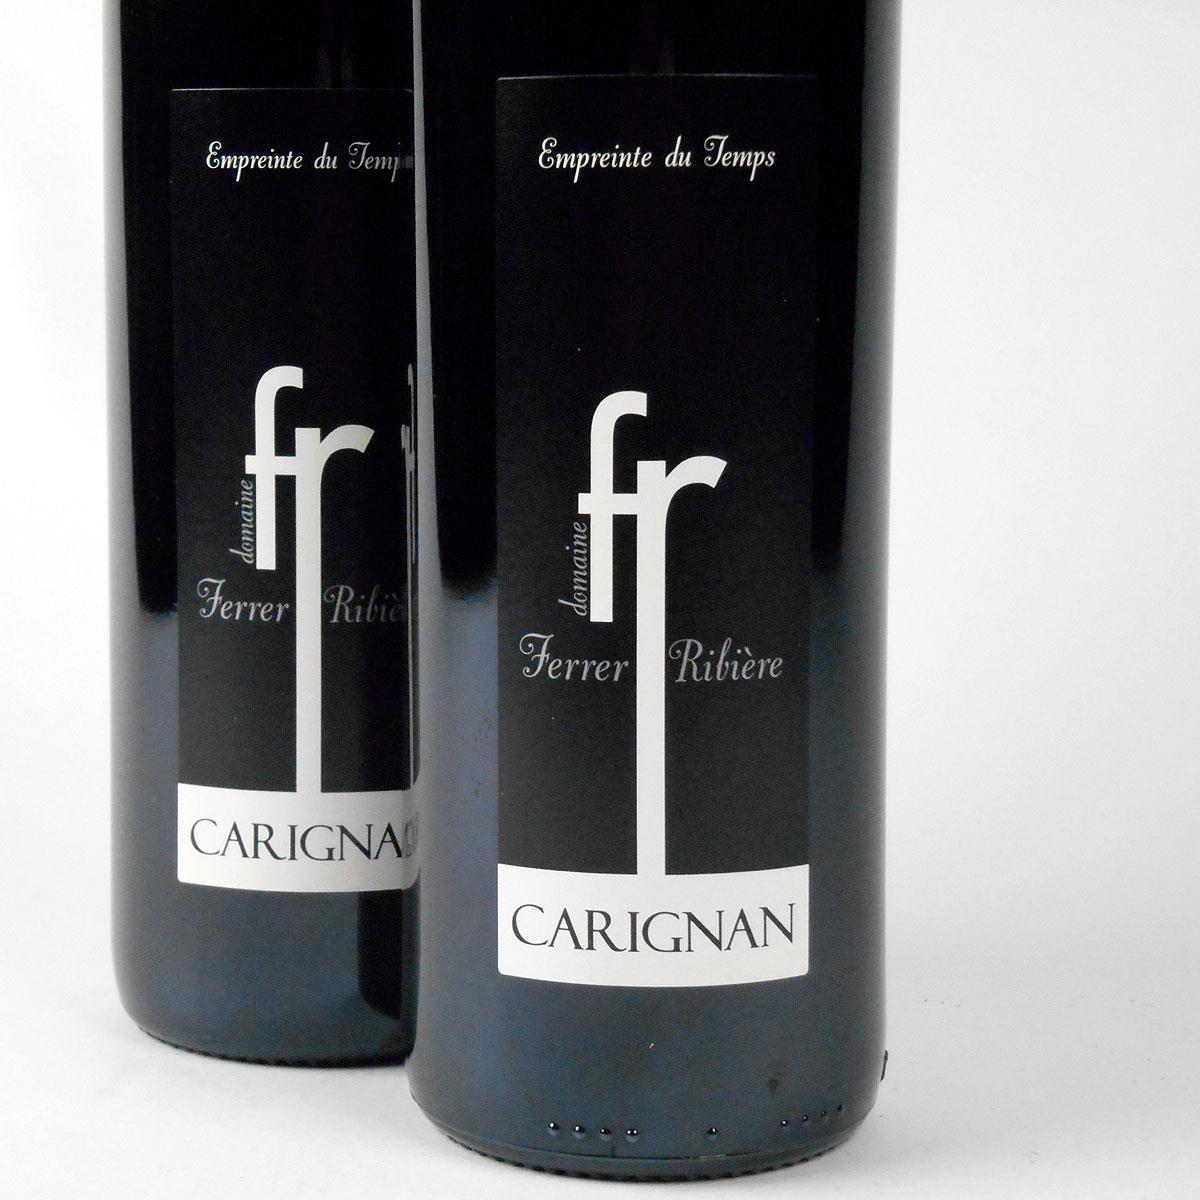 IGP Côtes Catalanes: Domaine Ferrer-Ribière 'Empreinte du Temps' Carignan 2017